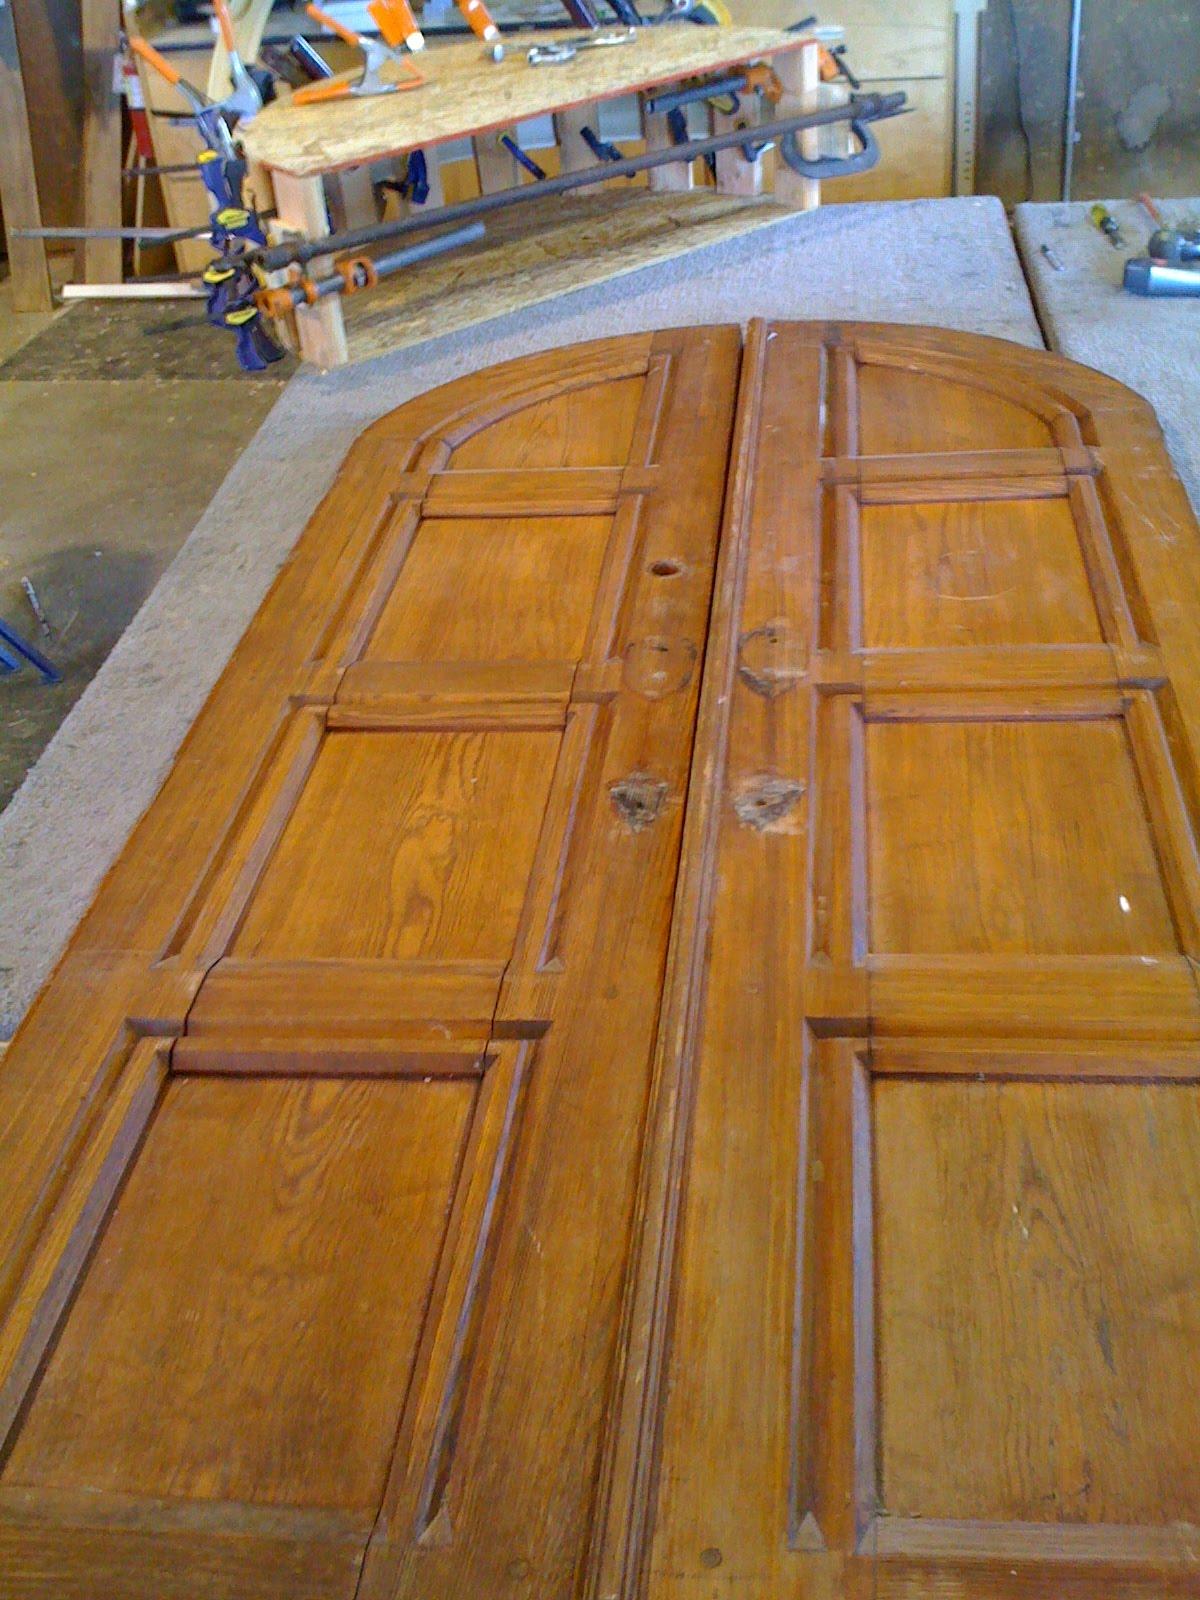 Radius doorjamb for antique doors & Build Something!: Radius doorjamb for antique doors